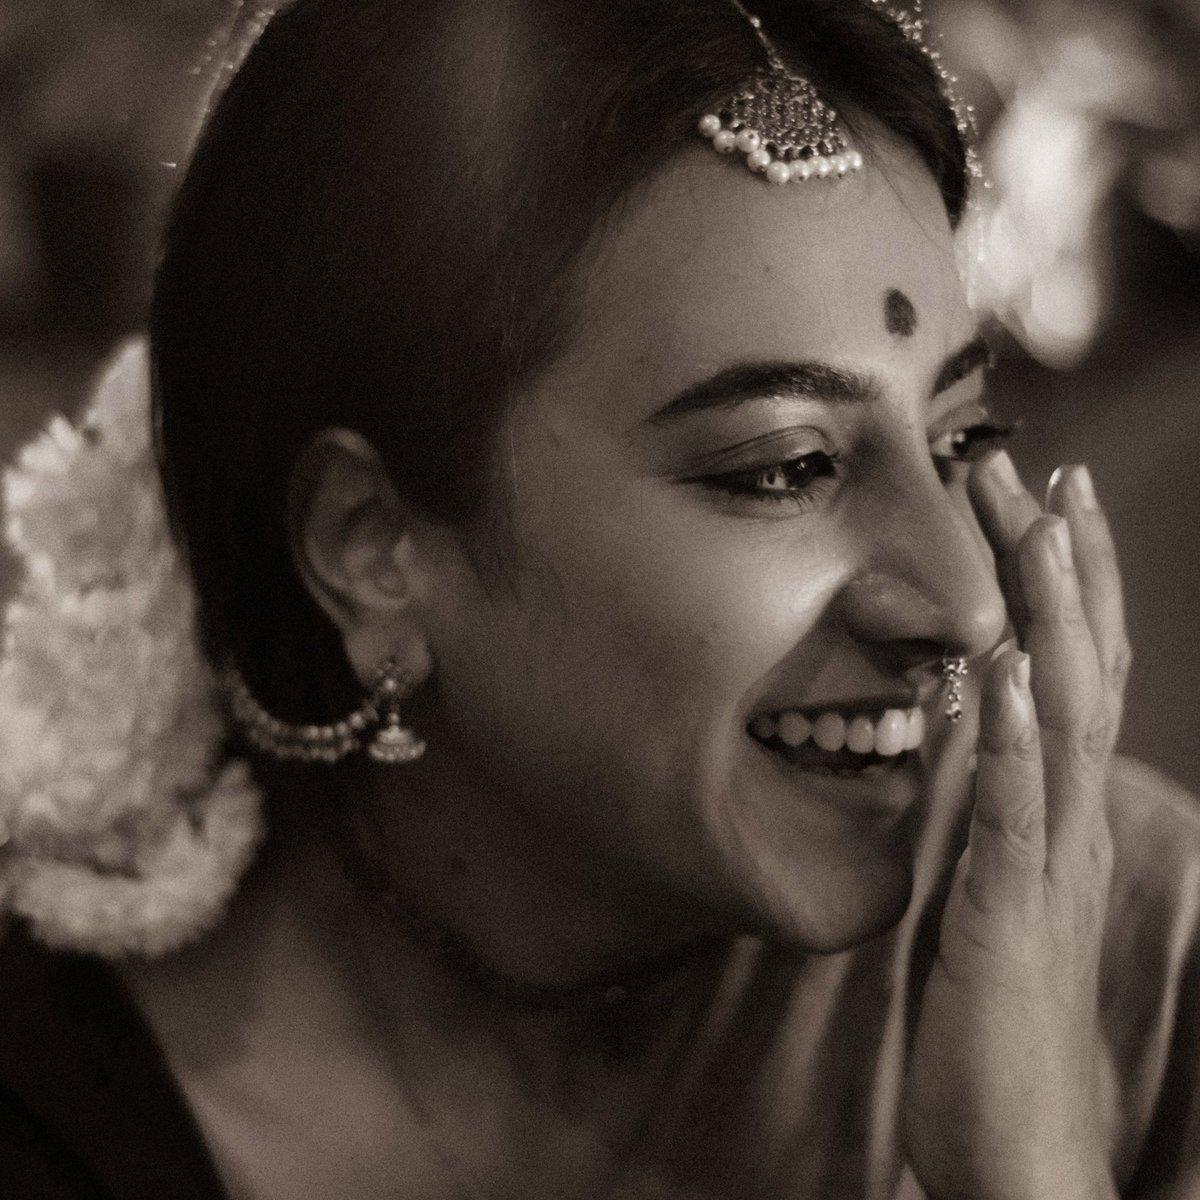 அவள். . . . #her #vintage #classic #indian #saree #draping #indianfashion #80s #love #portrait #portraitindia #andhastudios #blackandwhite #sepia #tamil #photographer #jewellery #actor #tamil #Bengaluru #beautiful #blackandwhitephotography #90s